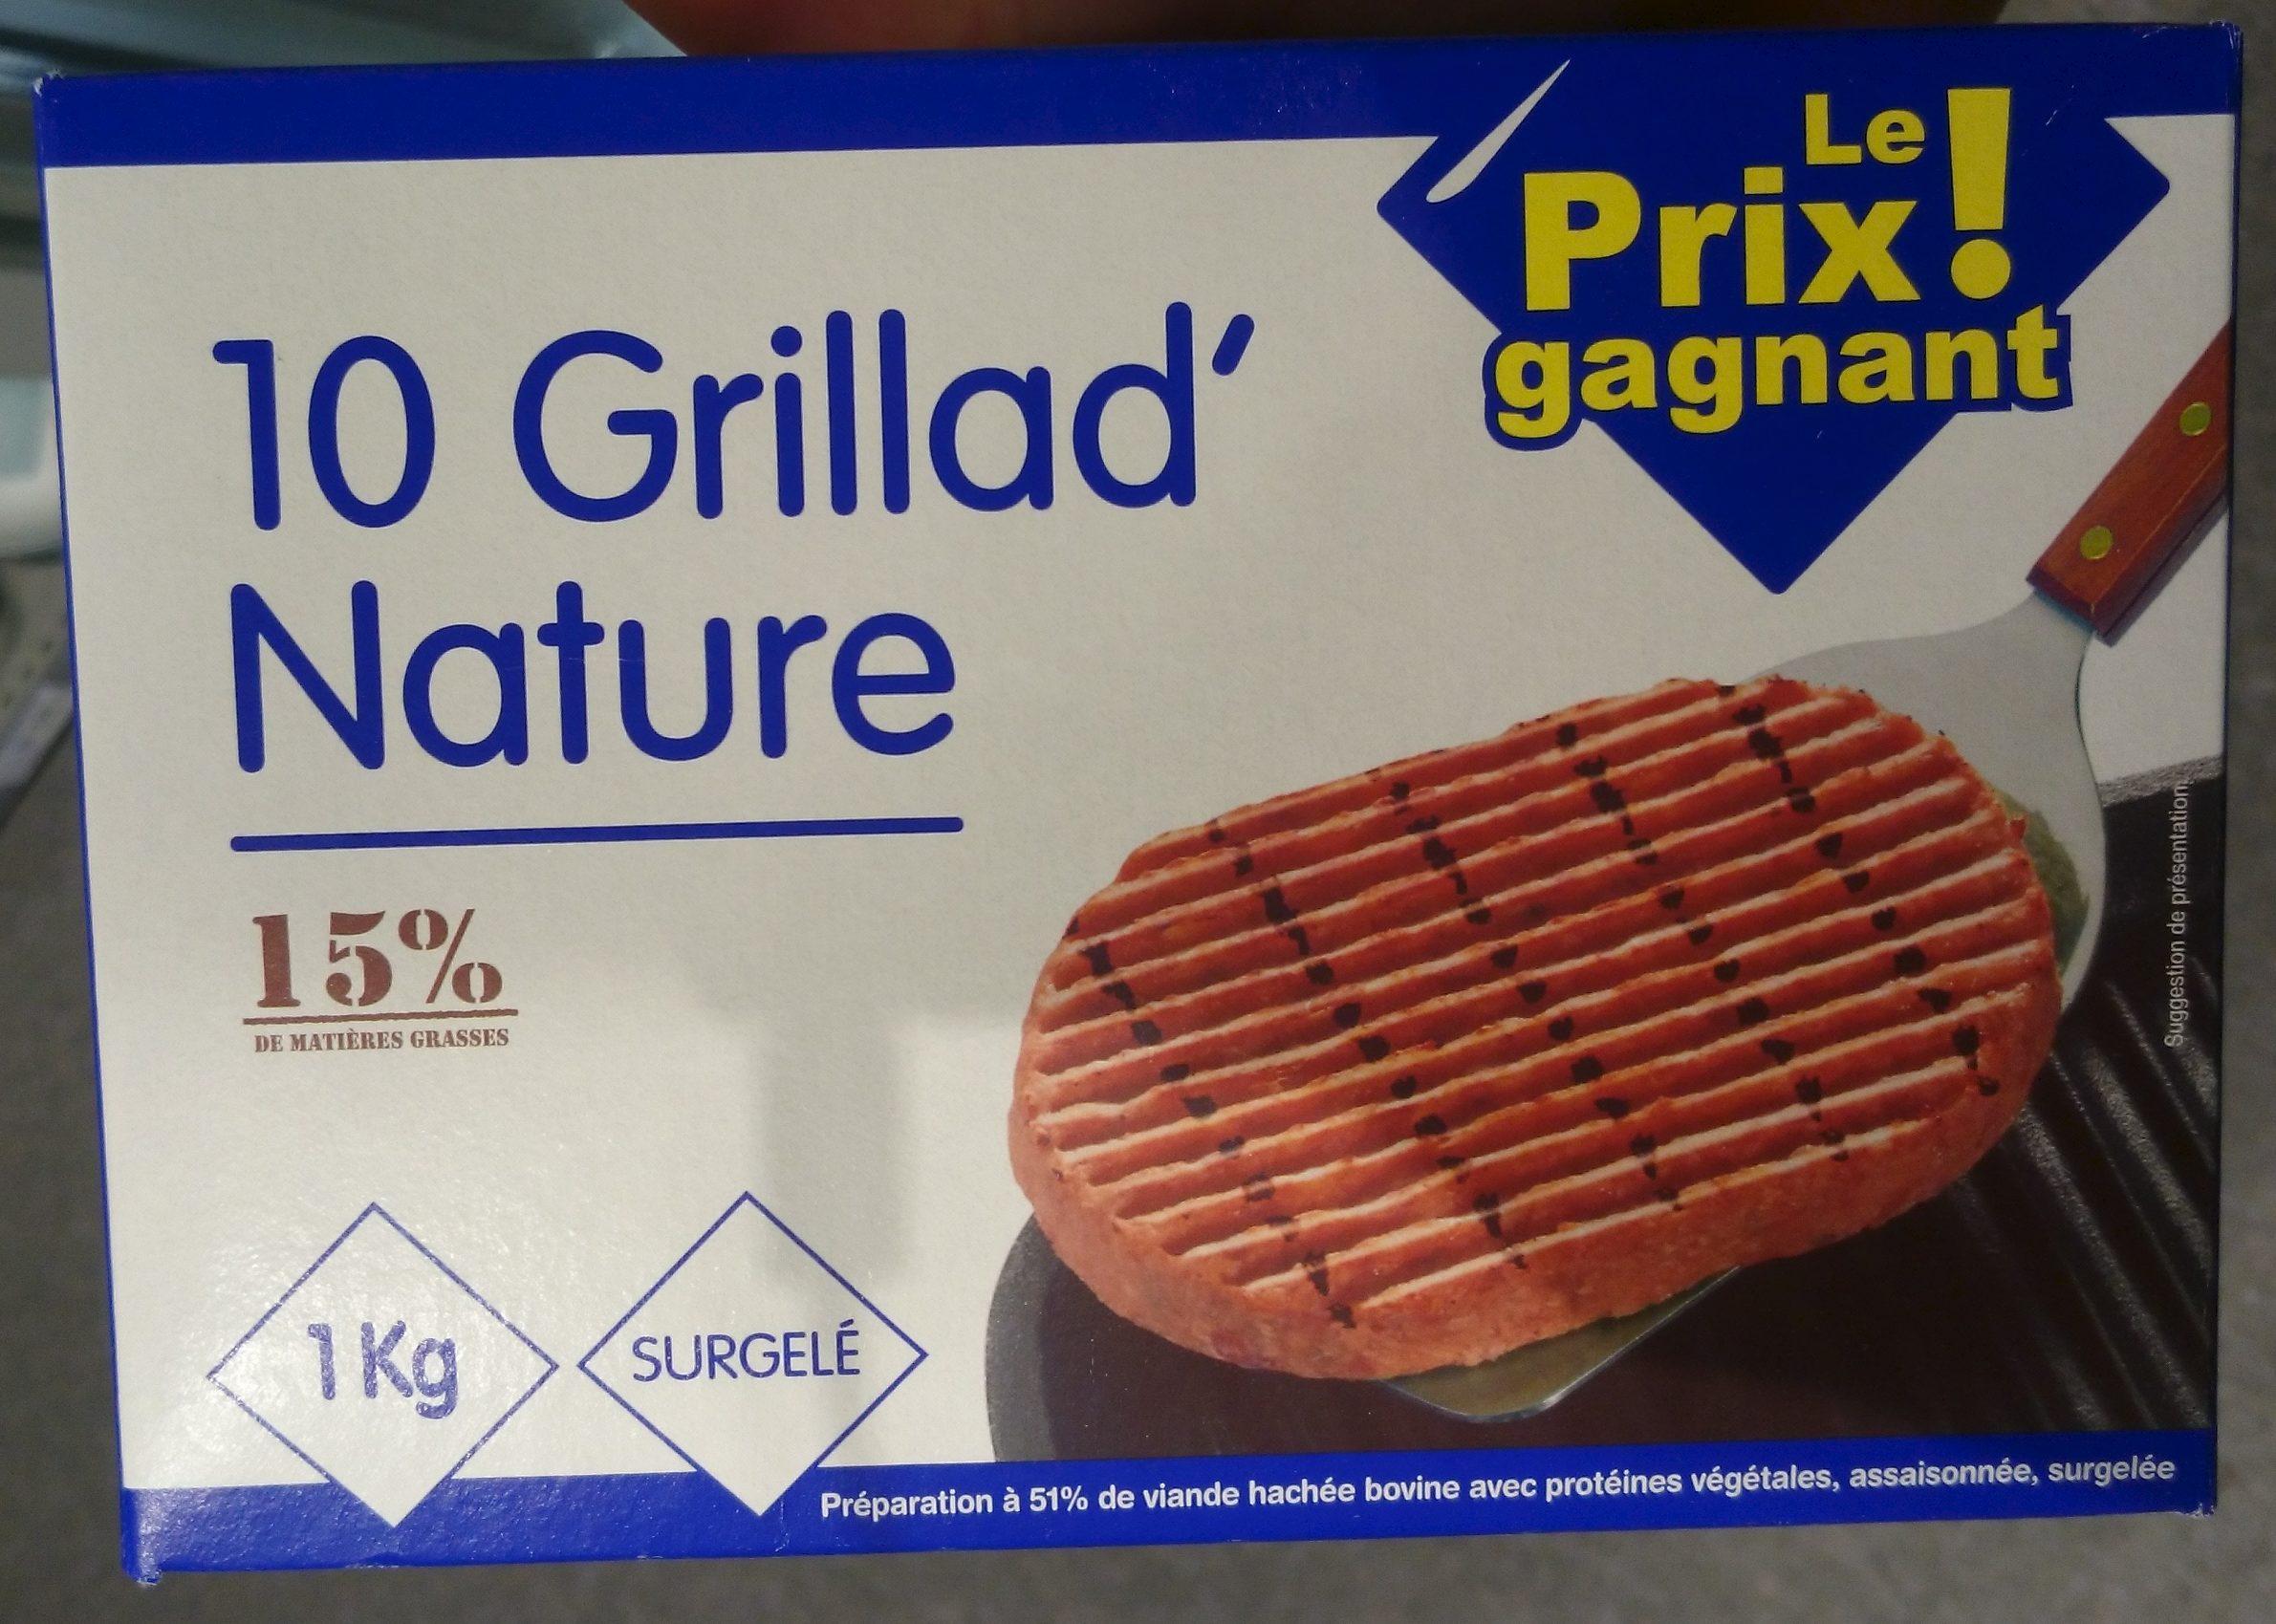 10 Grillad' Nature - Produit